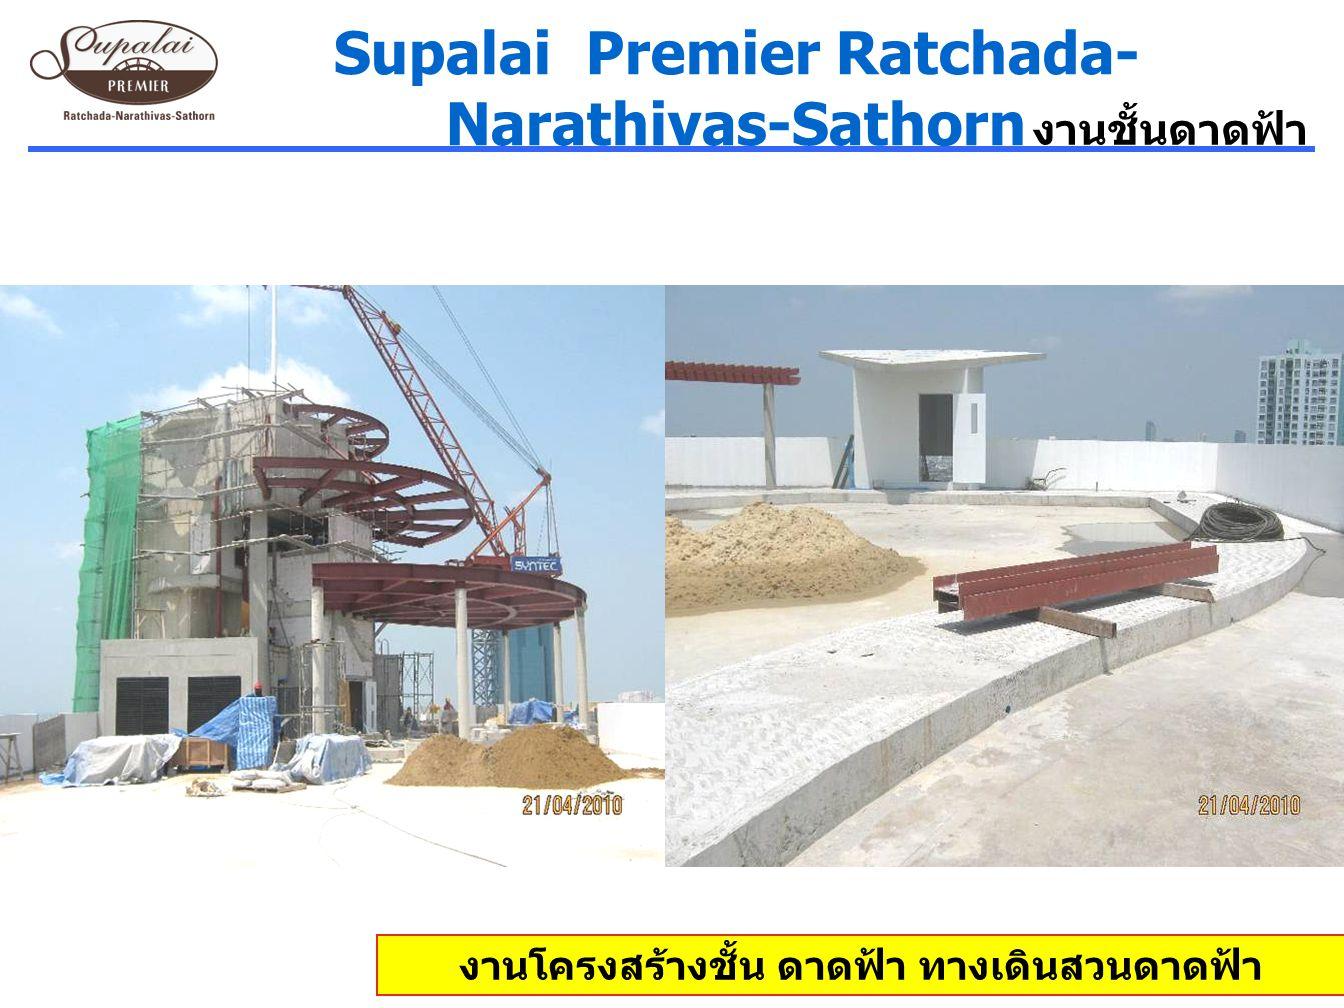 Supalai Premier Ratchada- Narathivas-Sathorn งานชั้นดาดฟ้า งานโครงสร้างชั้น ดาดฟ้า ทางเดินสวนดาดฟ้า